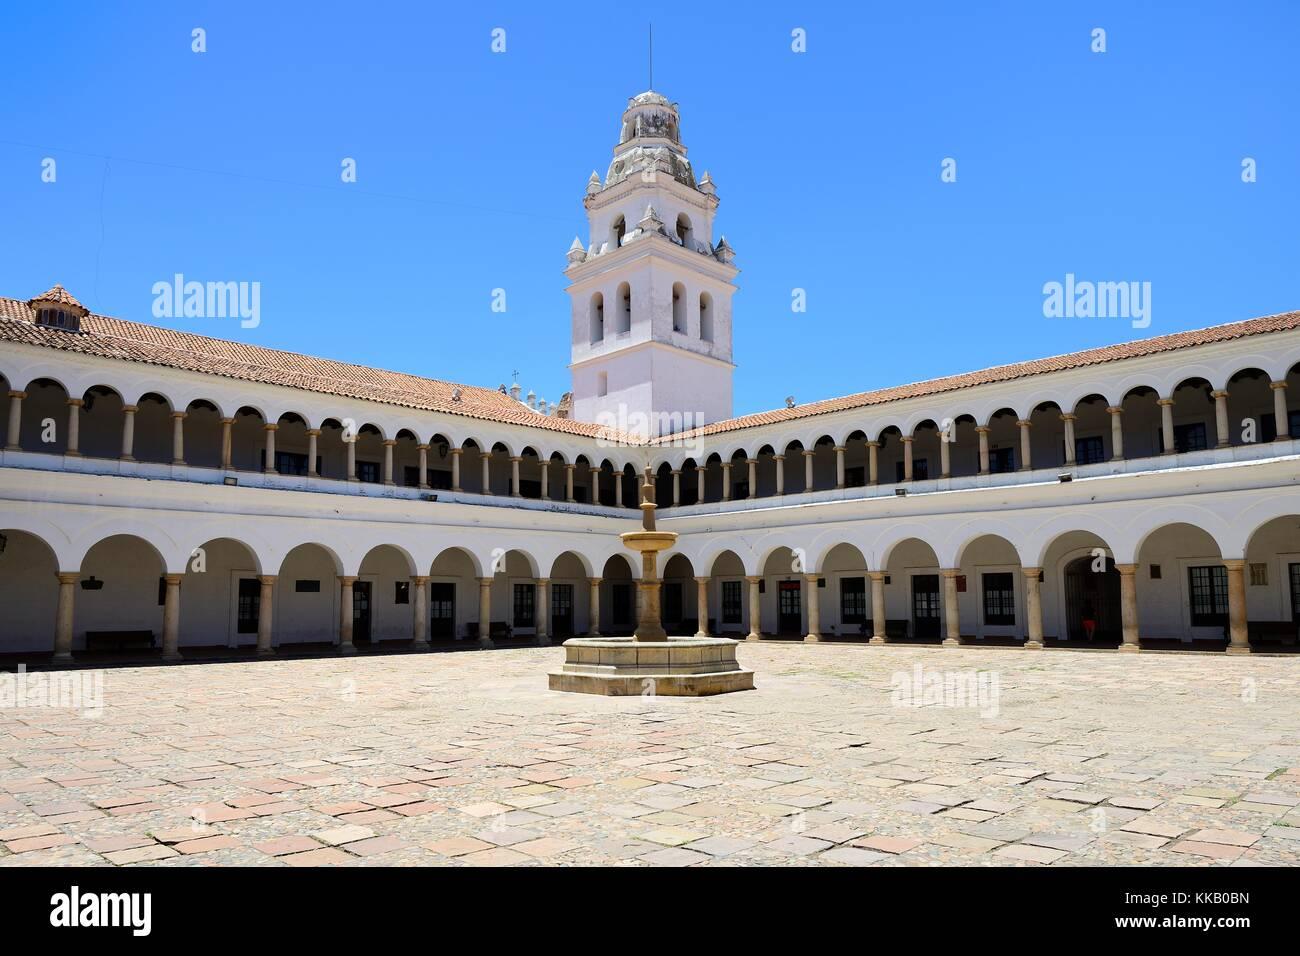 Courtyard of the University, Universidad Mayor Real y Pontificia de San Francisco Xavier de Chuquisaca, Sucre, Bolivia - Stock Image